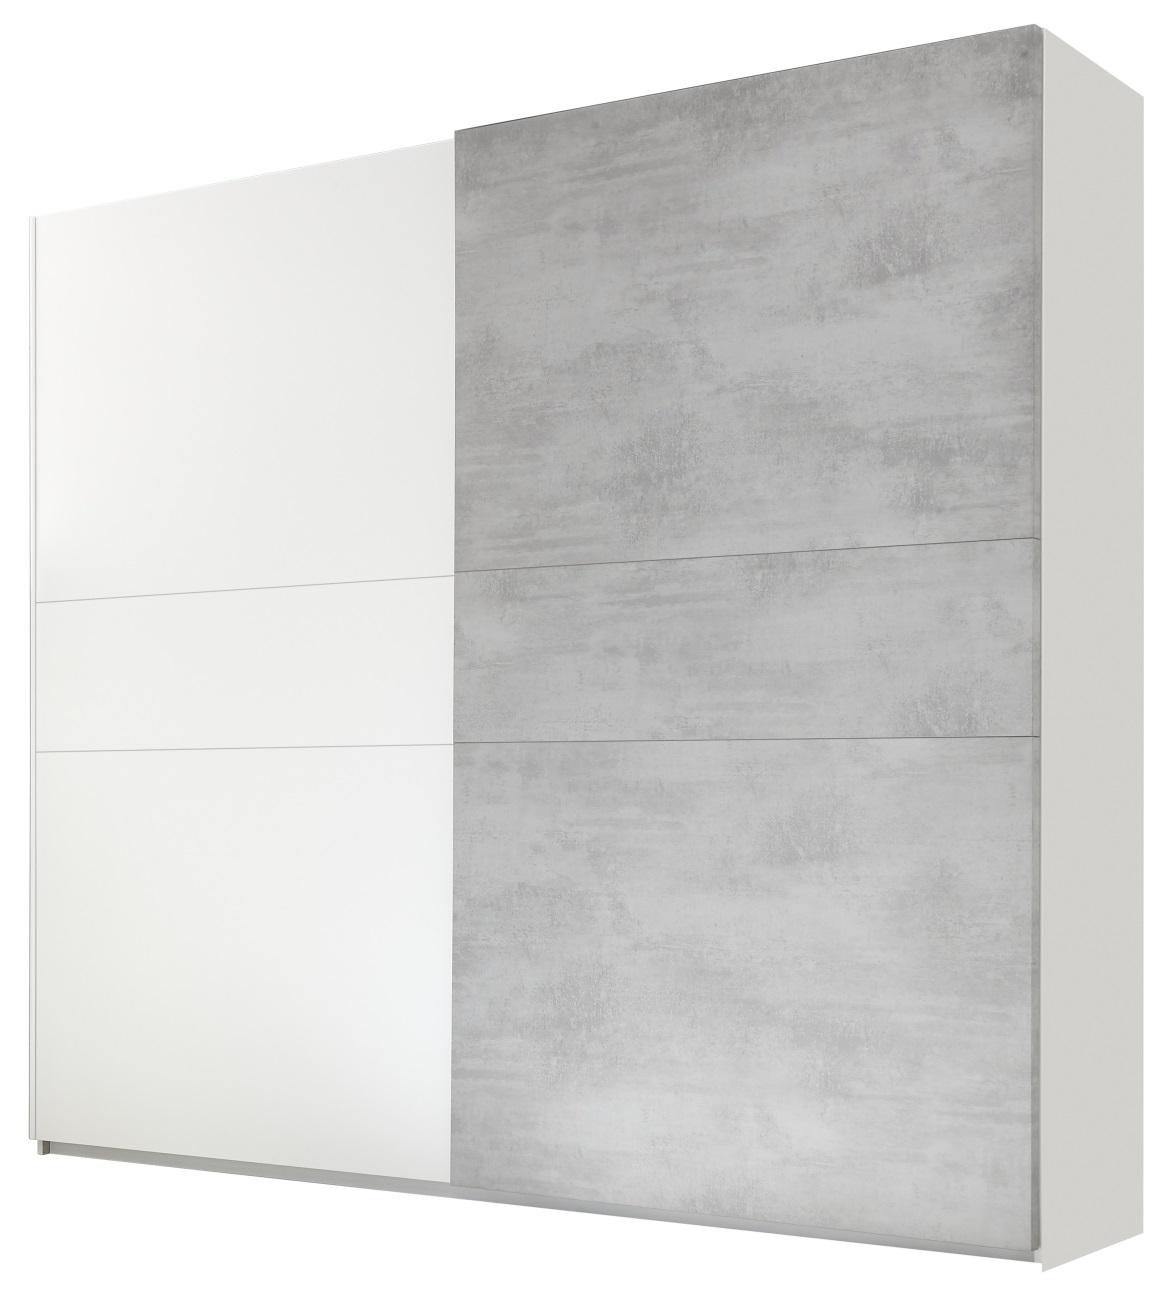 Schuifdeurkast Amalti 275 cm breed in mat wit met grijs beton